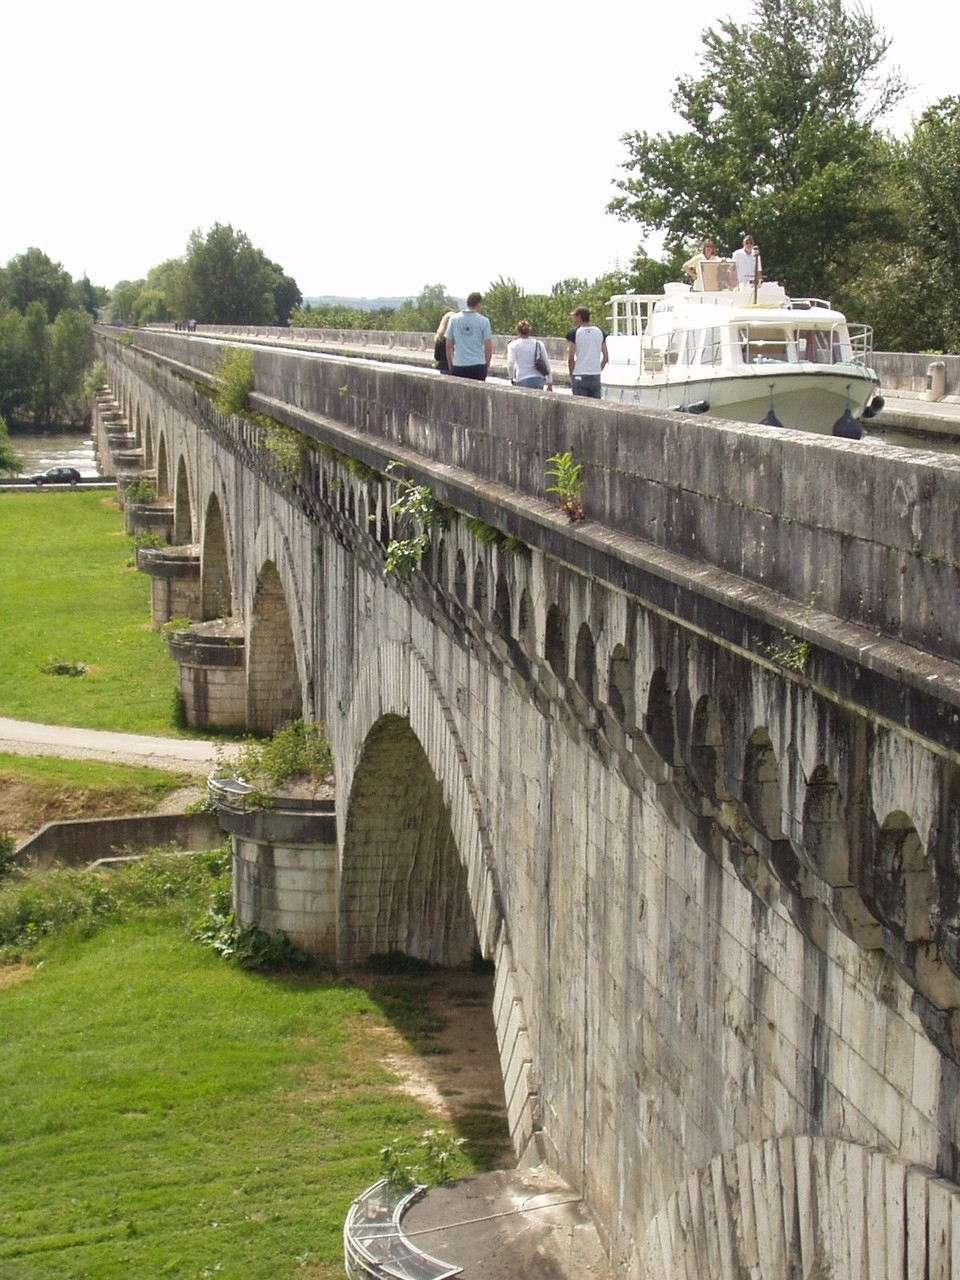 Le pont-canal d'Agen. (Dept 47)